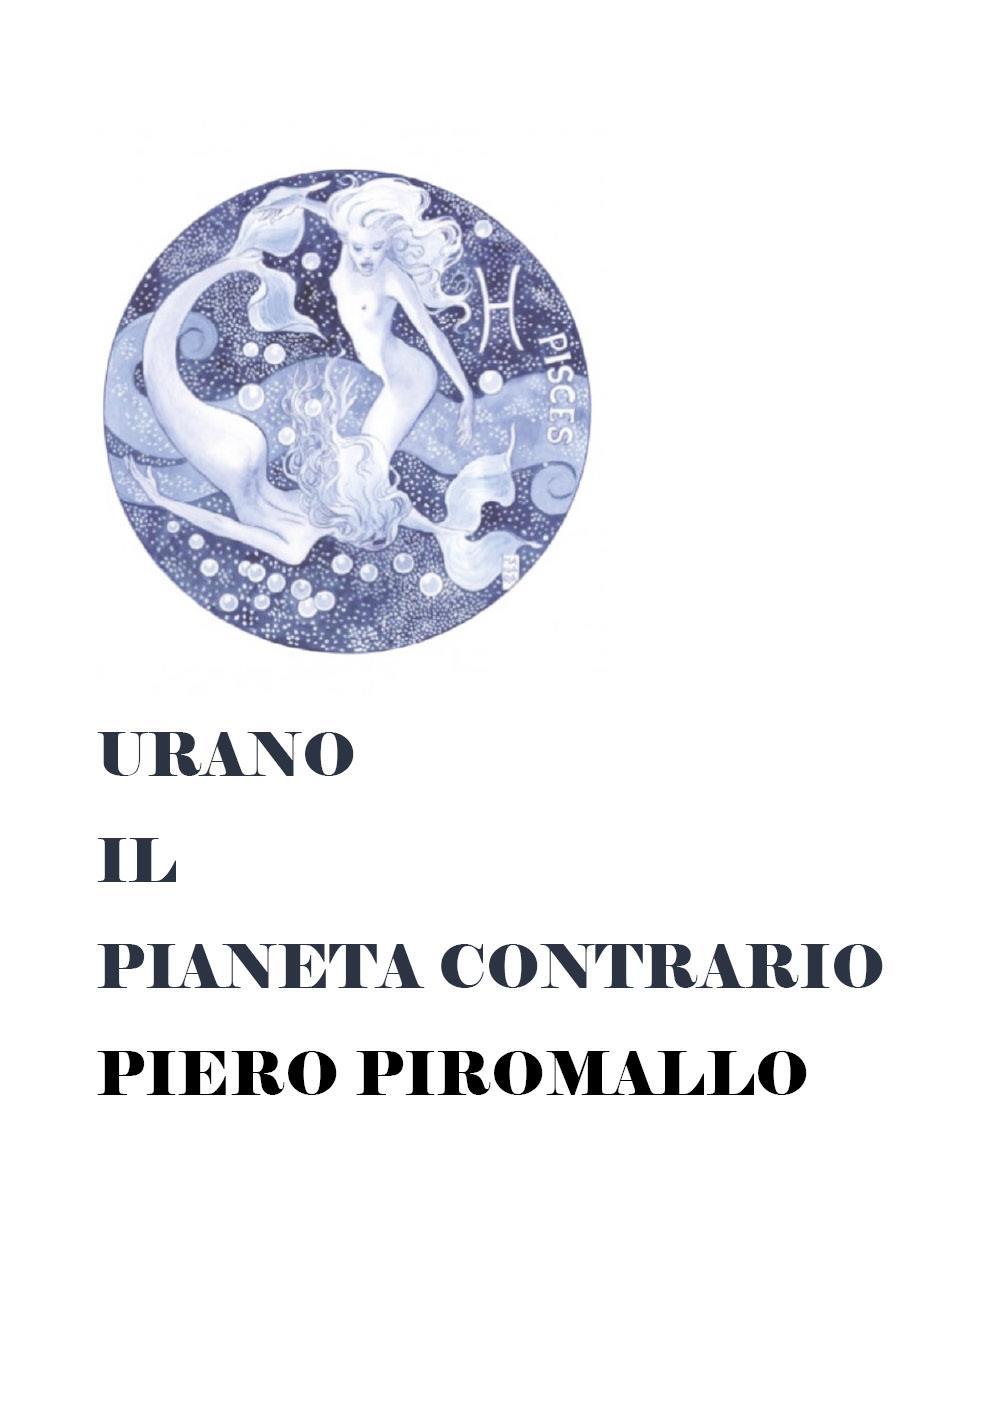 Urano il pianeta contrario